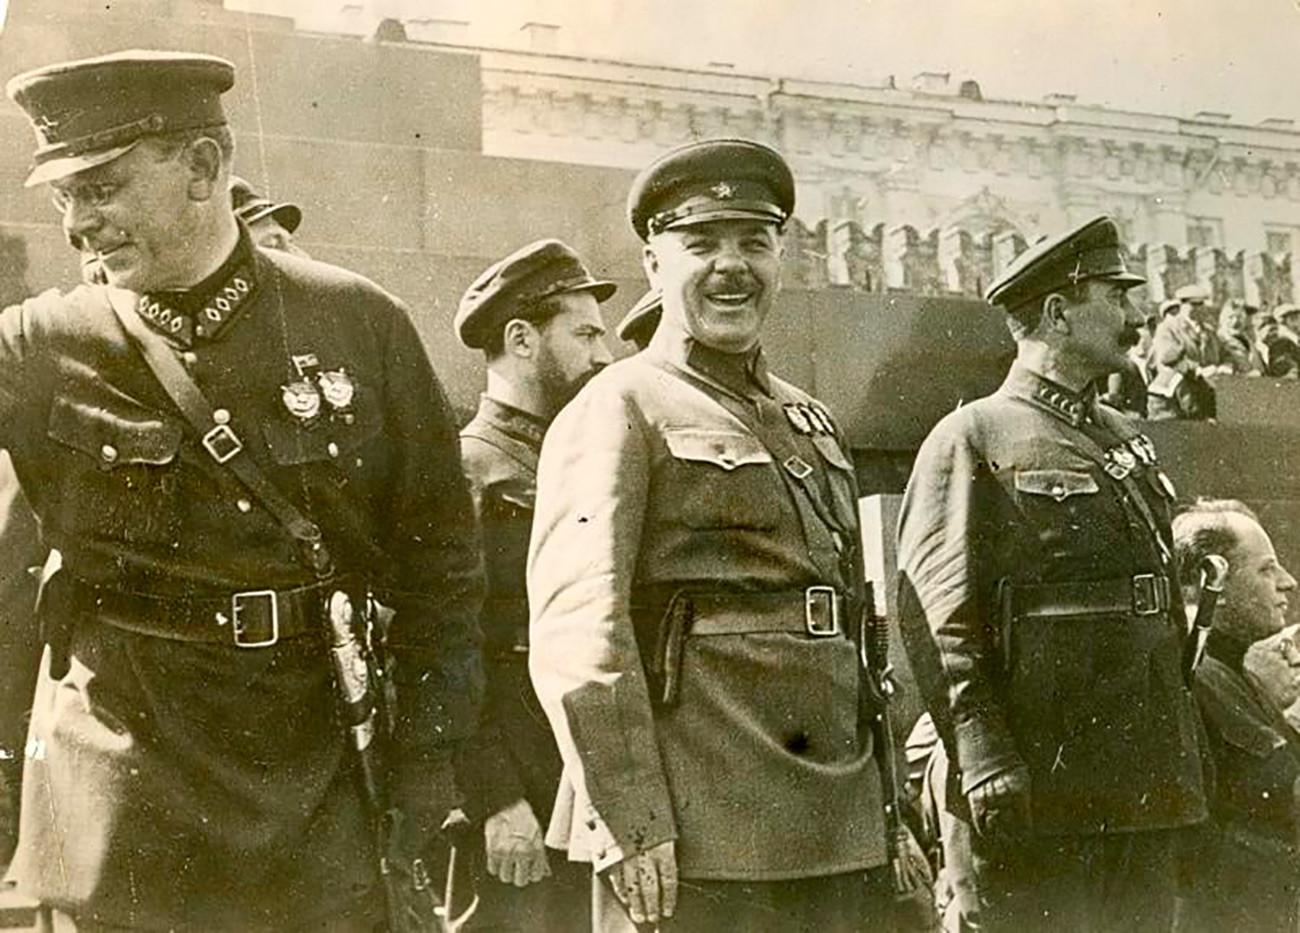 Comandantes do Exército Vermelho August Kork, Ian Gamarnik, Kliment Vorochilov, Semion Budiónni ao lado do Mausoléu de Lênin.